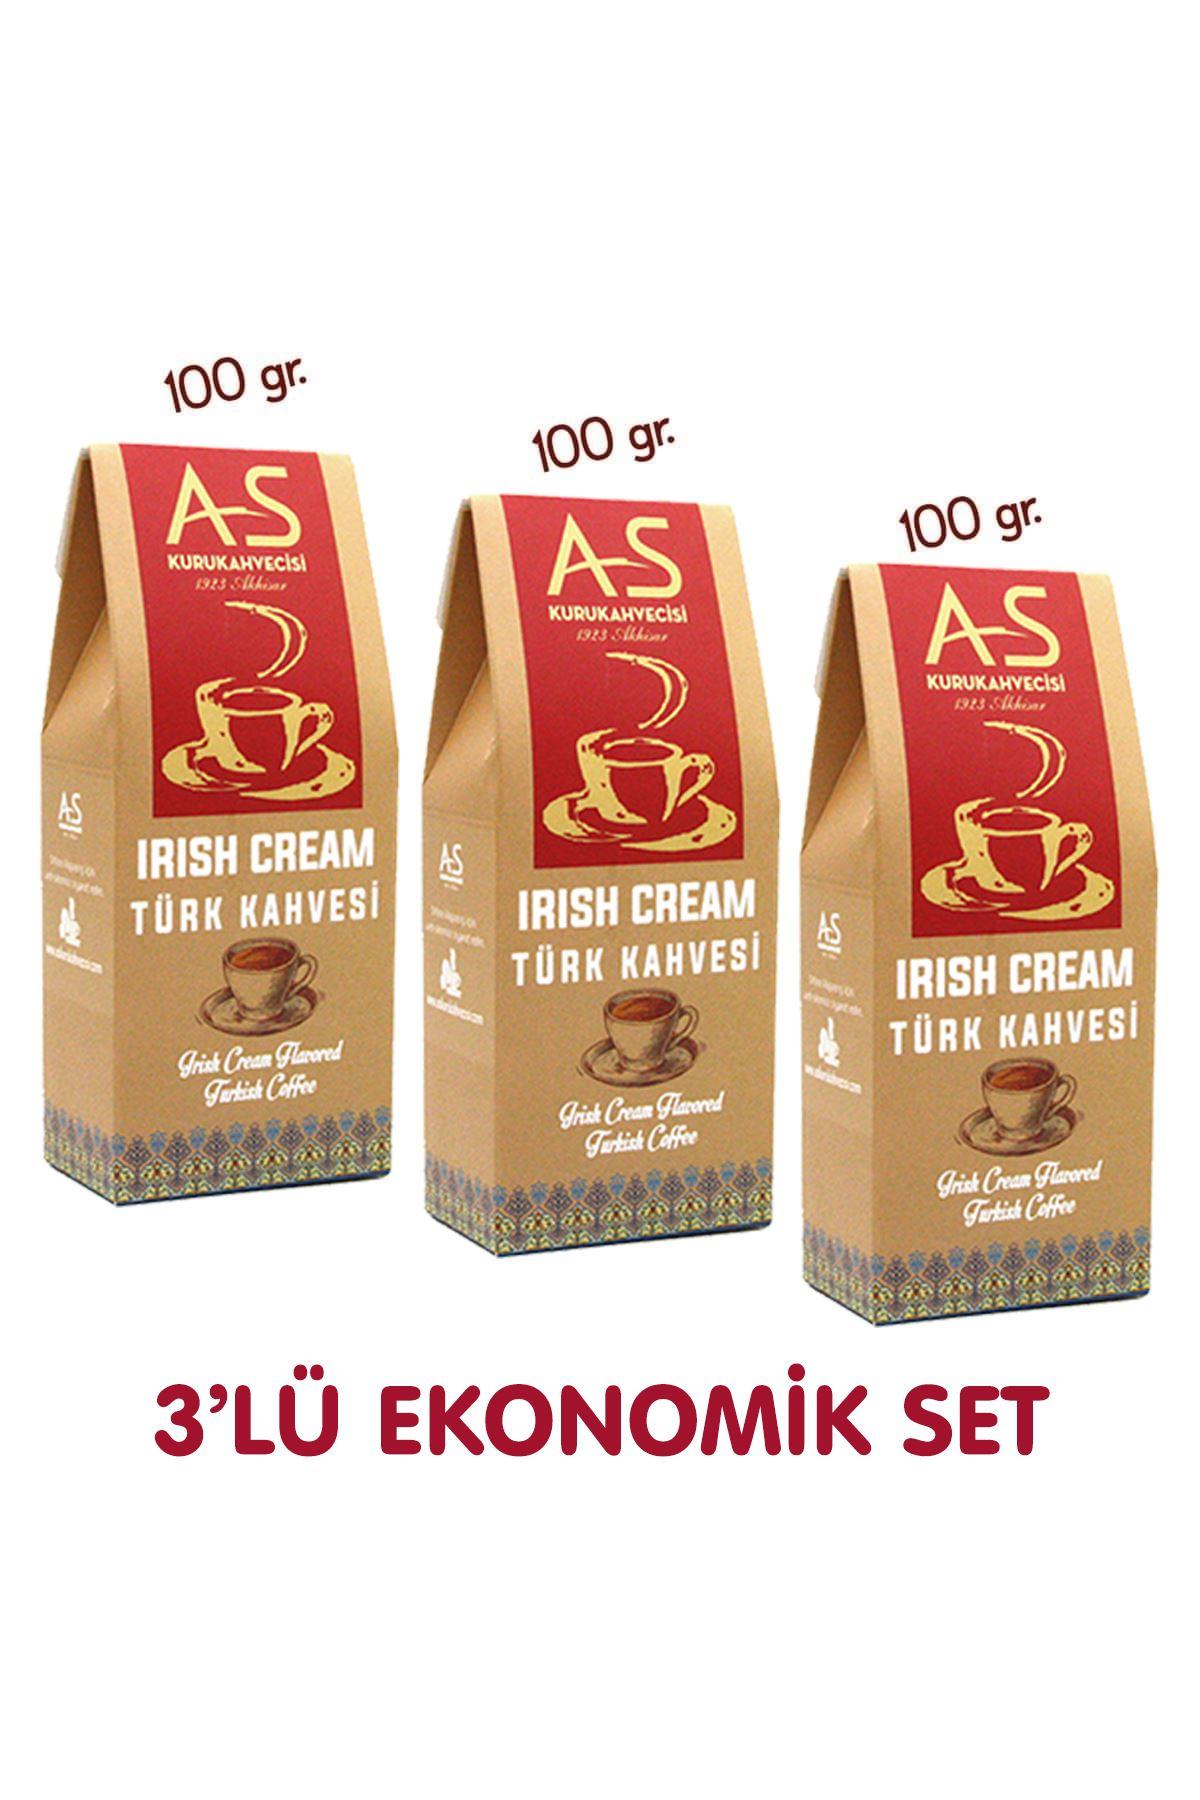 3'lü İrish Cream Türk Kahvesi Ekonomik Set